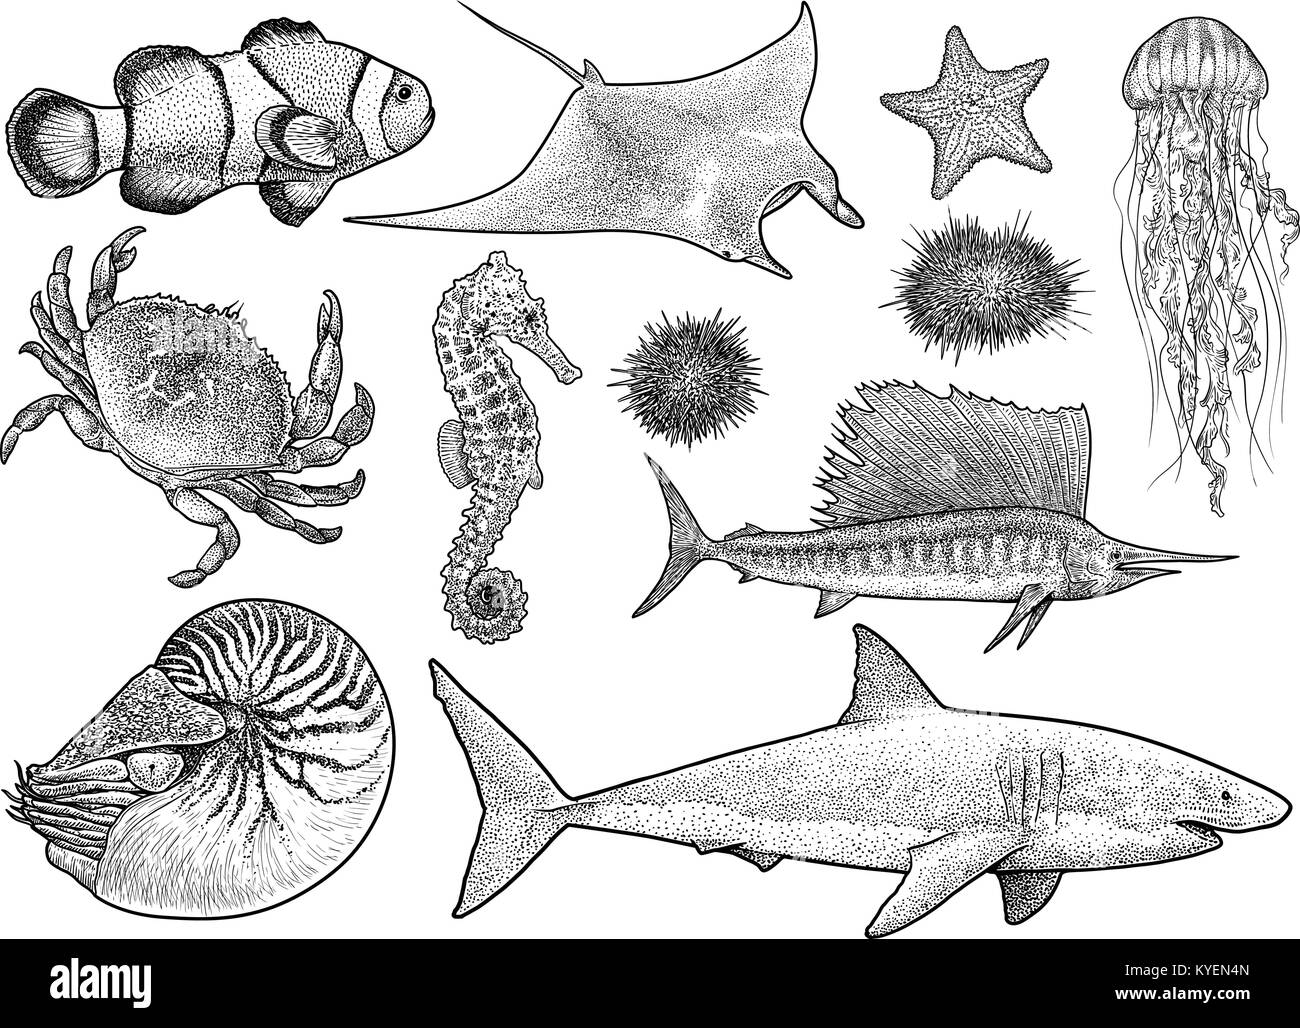 Collection d 39 animaux marins illustration dessin gravure encre dessin au trait vector - Dessin d animaux marins ...